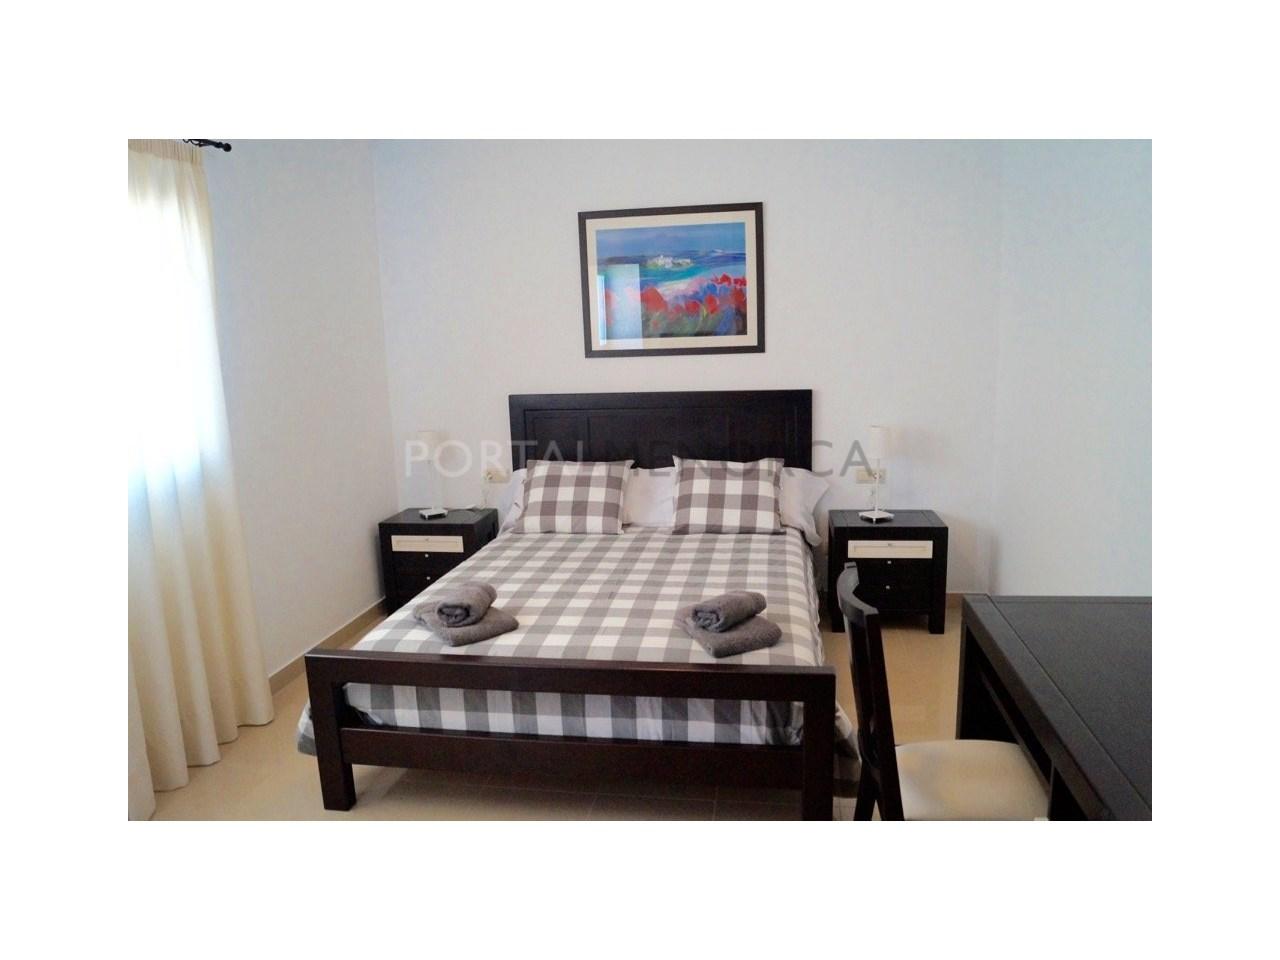 Chalet en venta en Calan Bosch con licencia turística Dormitorio